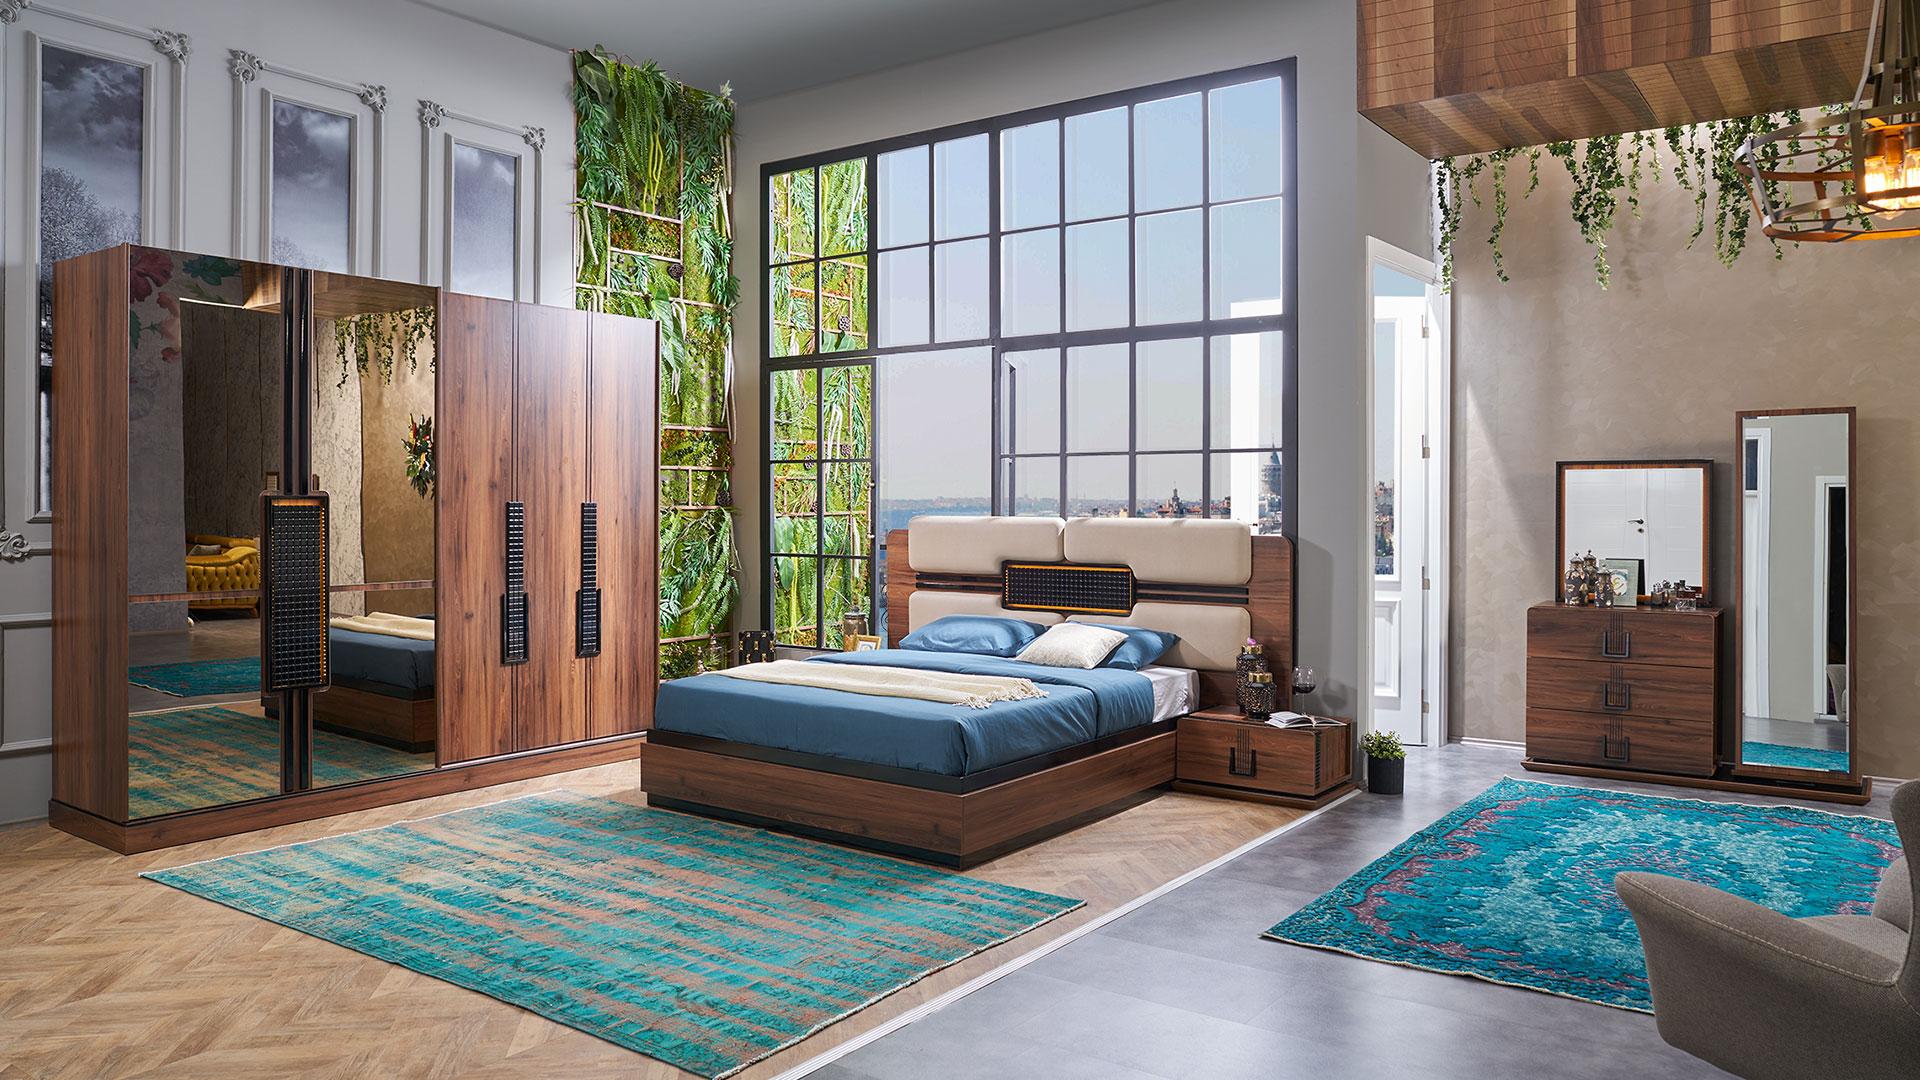 غرفة نوم مودرن باللون البني و الازرق